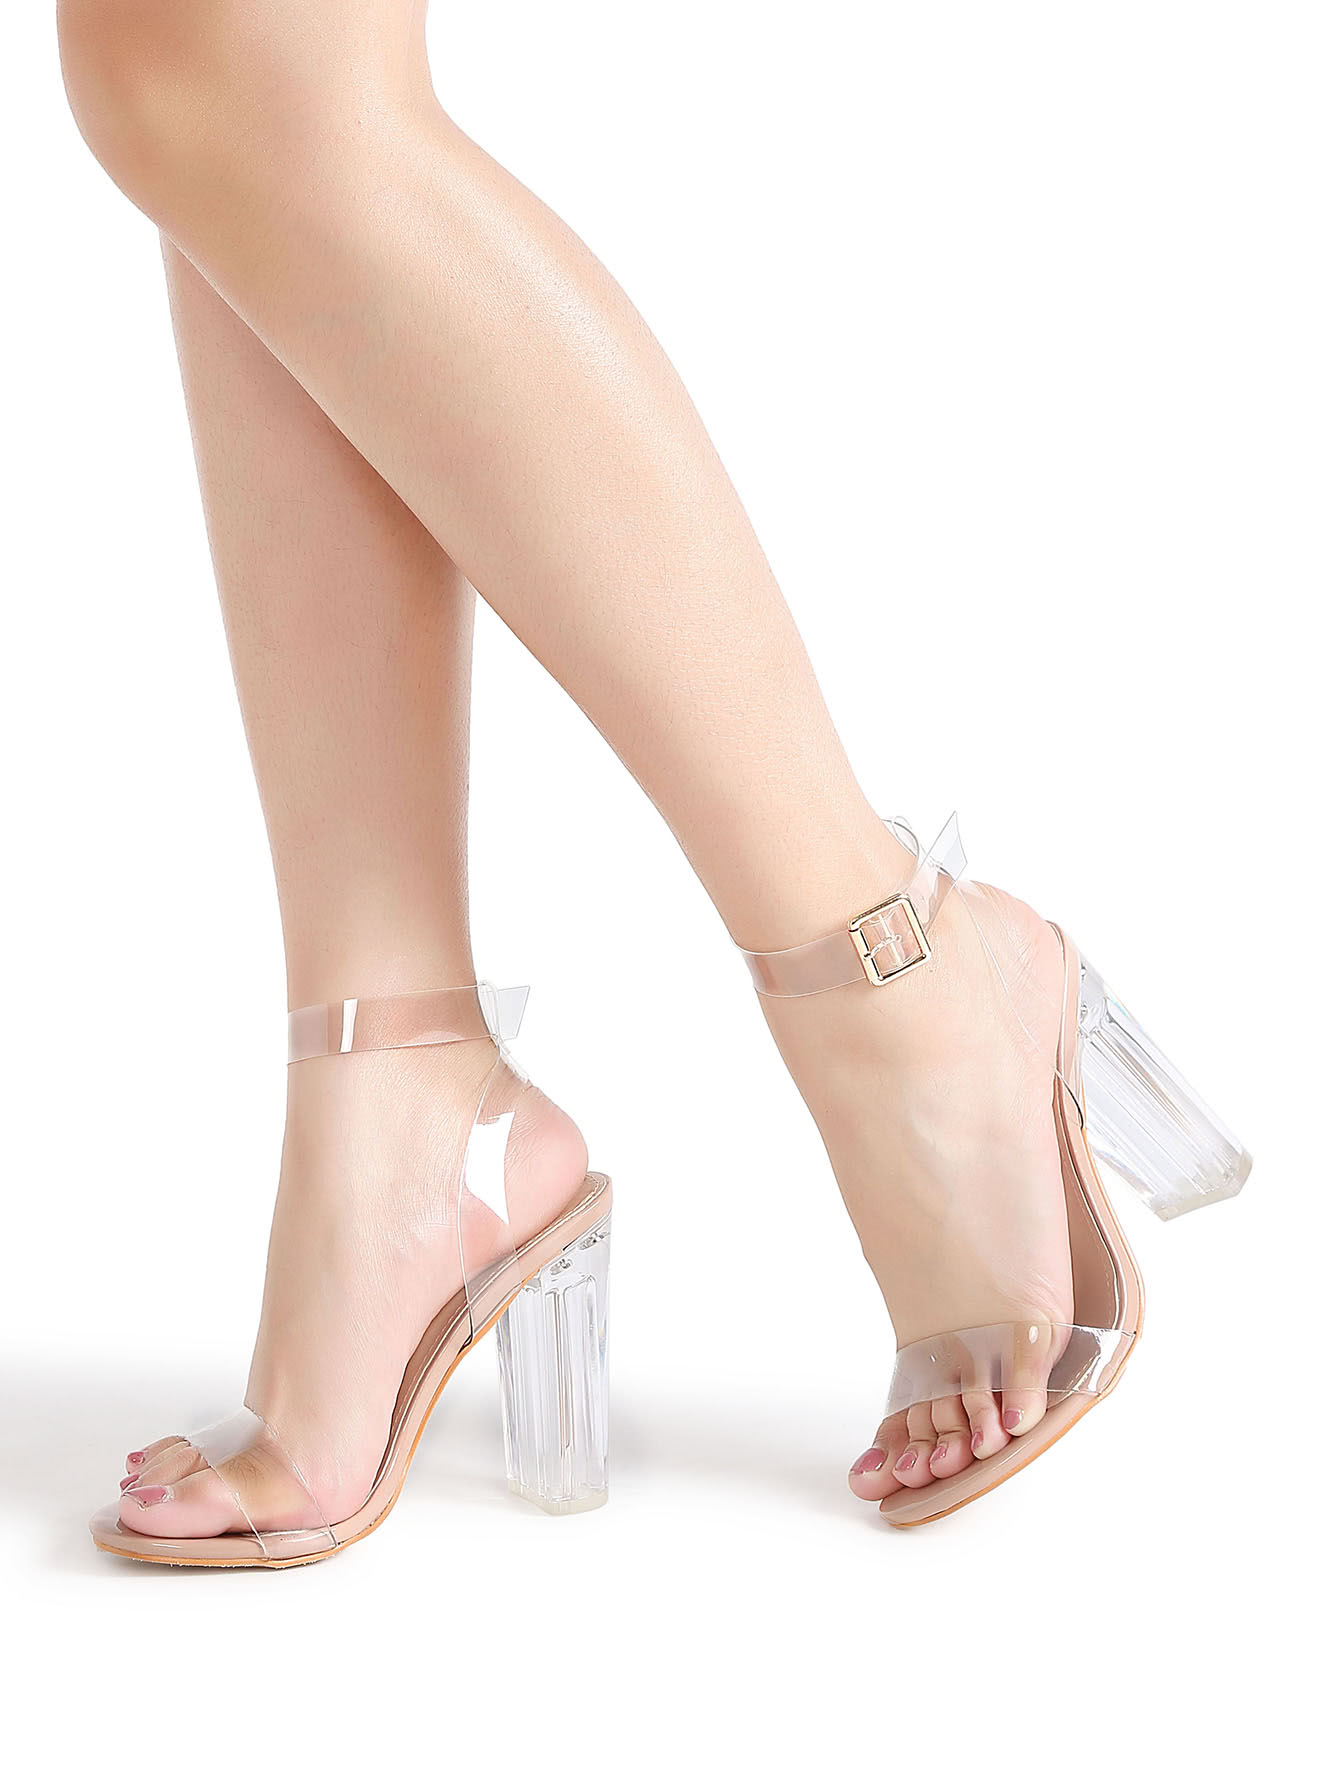 Купить Модные сандалии на каблуках, null, SheIn